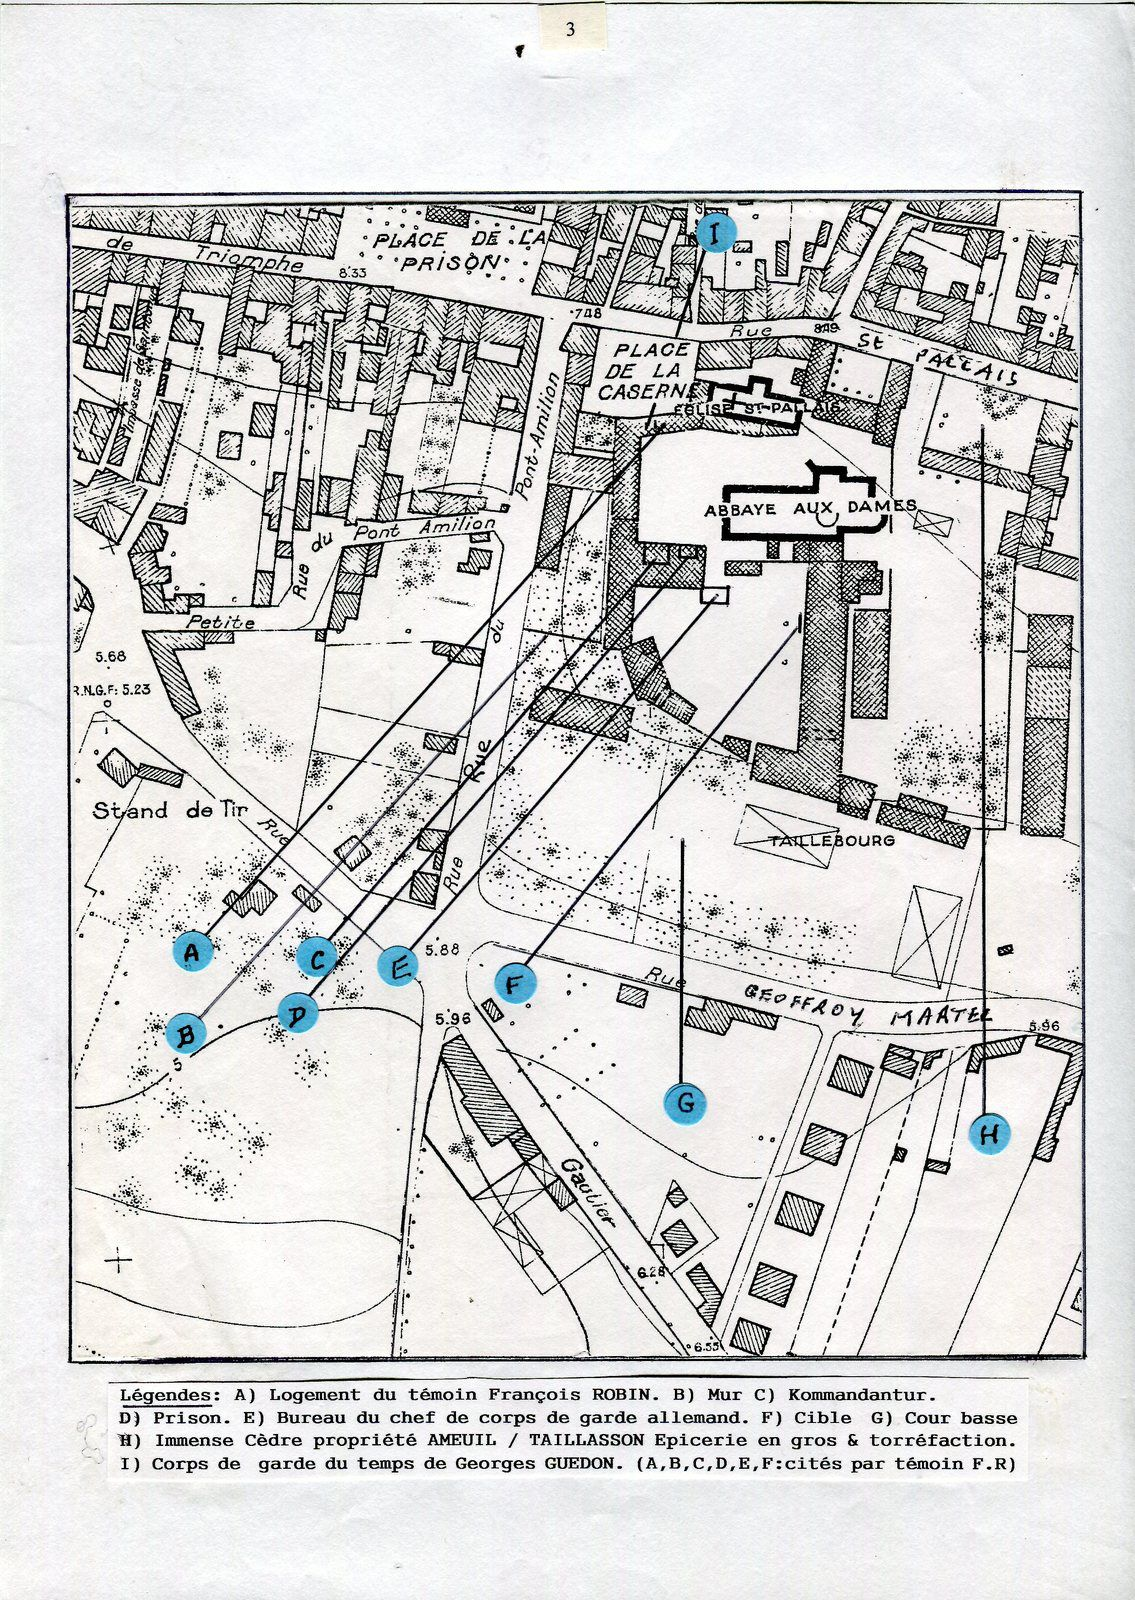 Attention les photos qui suivent n'ont pas un lien direct avec le témoignage, mais bien sûr elles nous parlent de cette époque. Le plan de l'abbaye aux Dames a été exécuté avec l'aide de témoins de l'époque et aussi de la sentinelle française qui était de garde à la porte de la caserne Taillebourg lors de l'arrivée des Allemands à Saintes le 22 juin 1940.